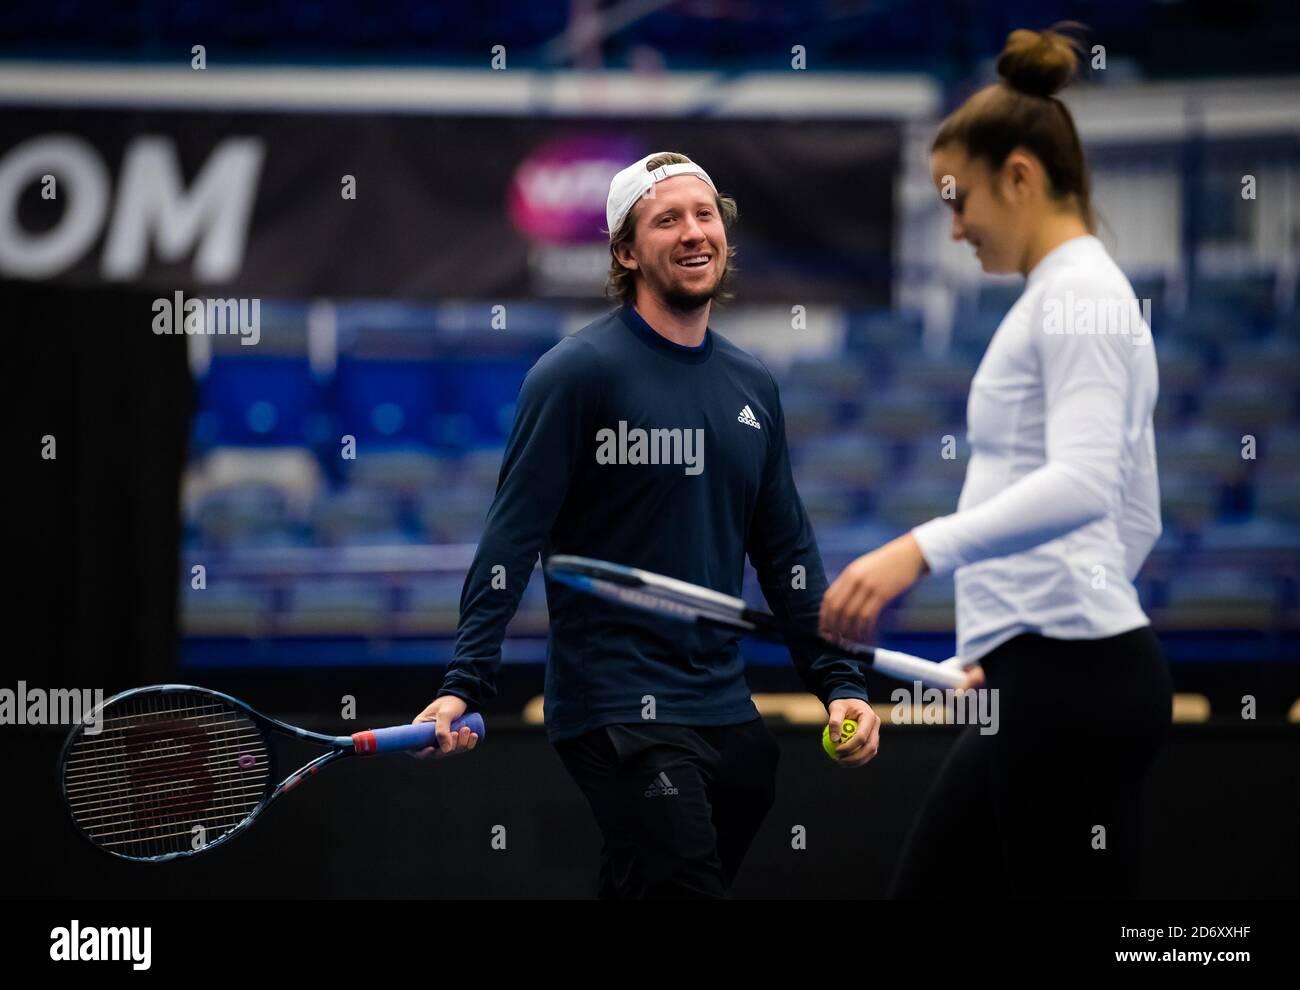 om Hill durante la práctica con Maria Sakkari en el torneo de tenis J&T Banka Ostrava Open WTA Premier 2020 el 17 de octubre de 2020 en Ostrava, Rep. Checa Foto de stock